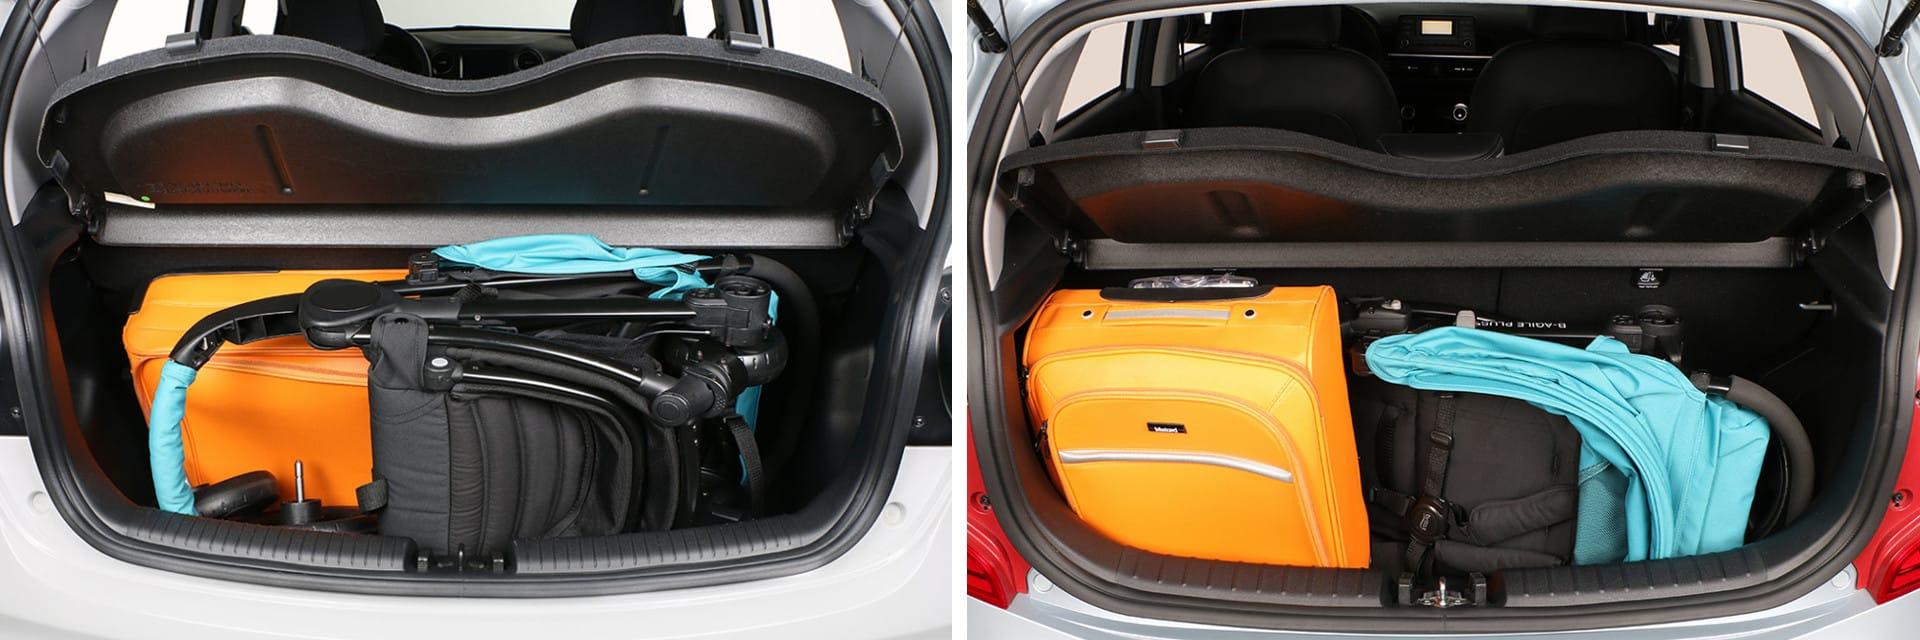 En ambos vehículos se puede cargar una silla infantil y una maleta que no sea muy grande.